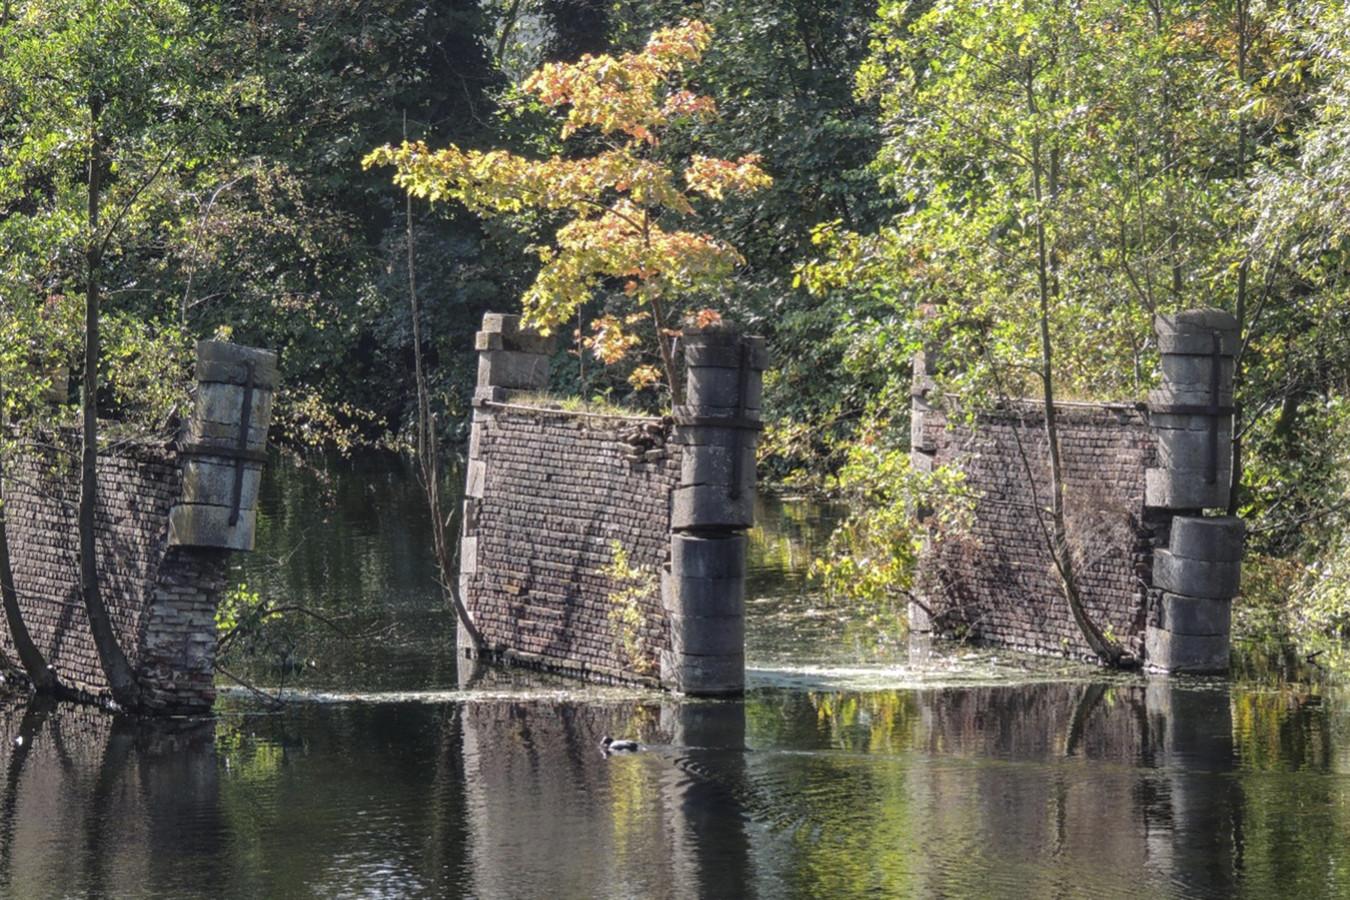 Ook de brugpijlers aan de Mechelse Poort worden geteisterd door wildgroei.